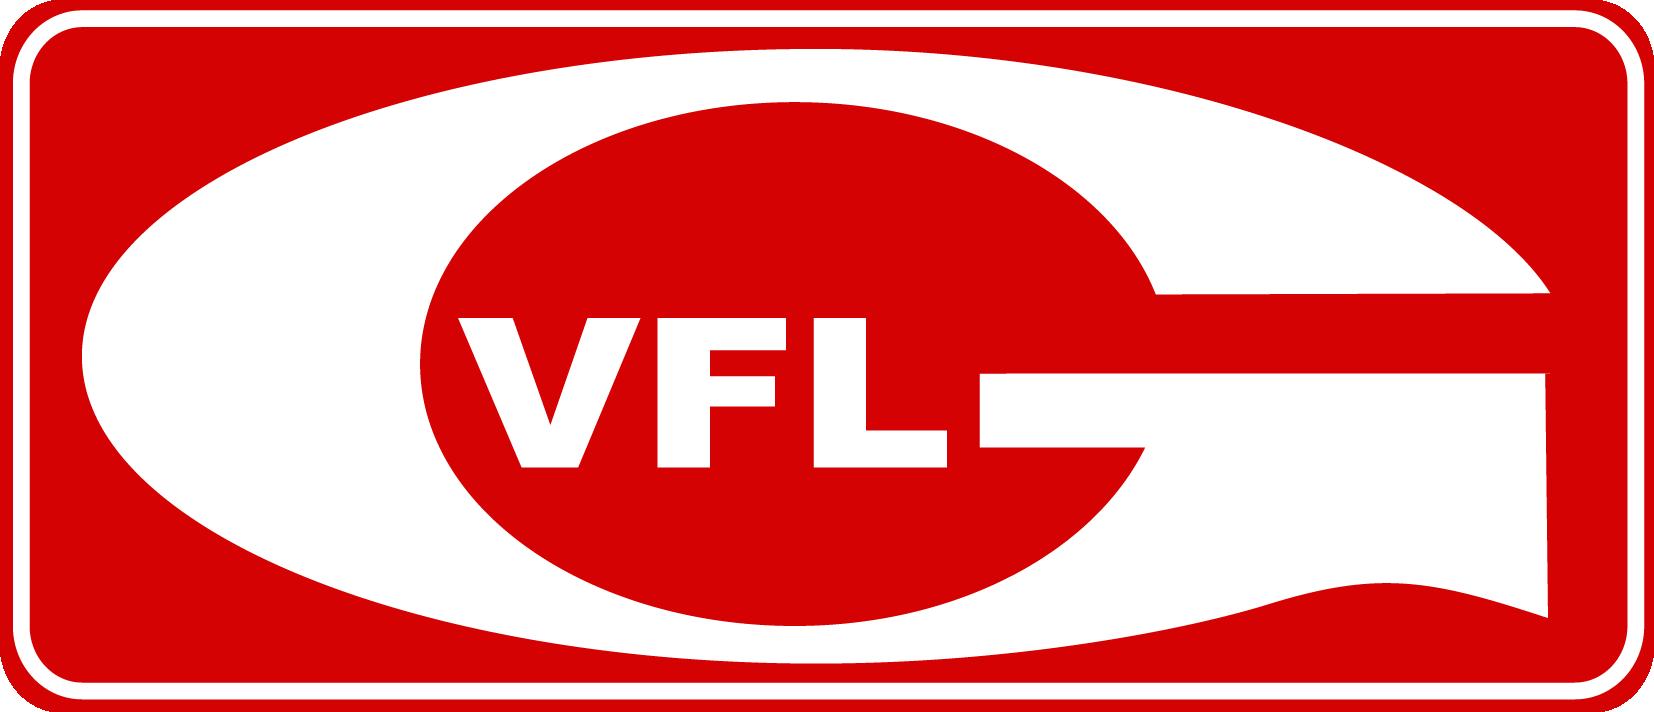 VfL Gladbeck - Familien- & Freizeitsportabteilung